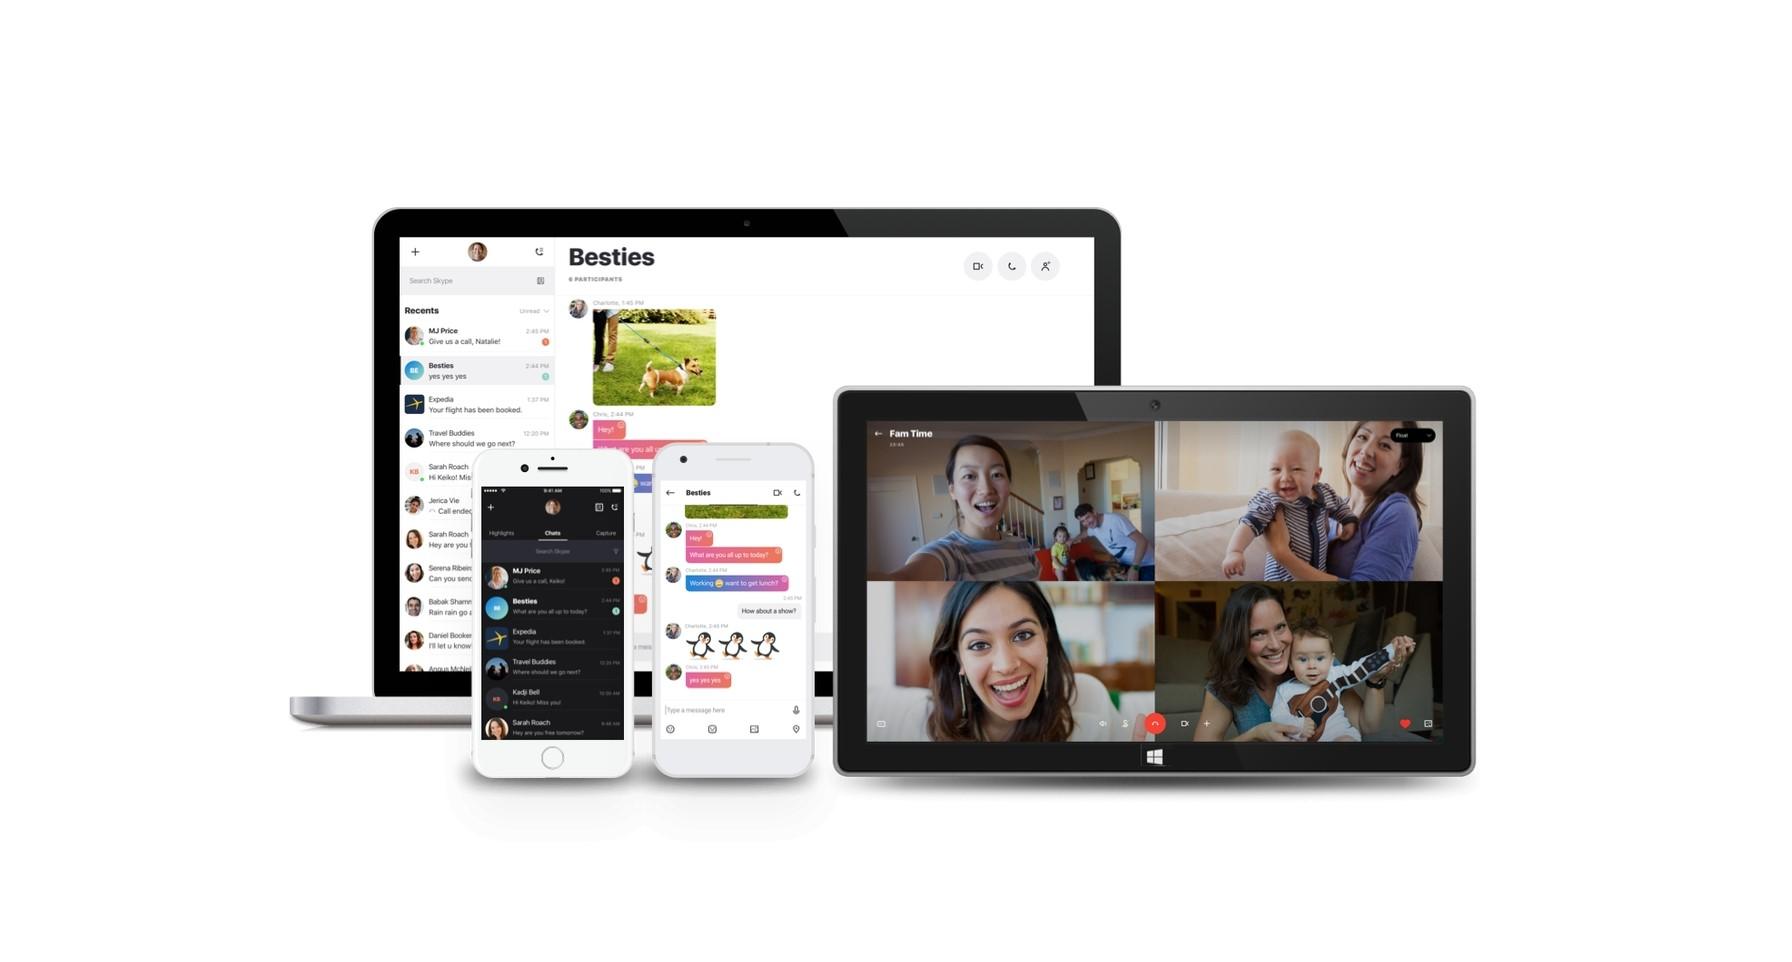 Skype získává sdílení obrazovky na Androidu a iOS [aktualizováno]